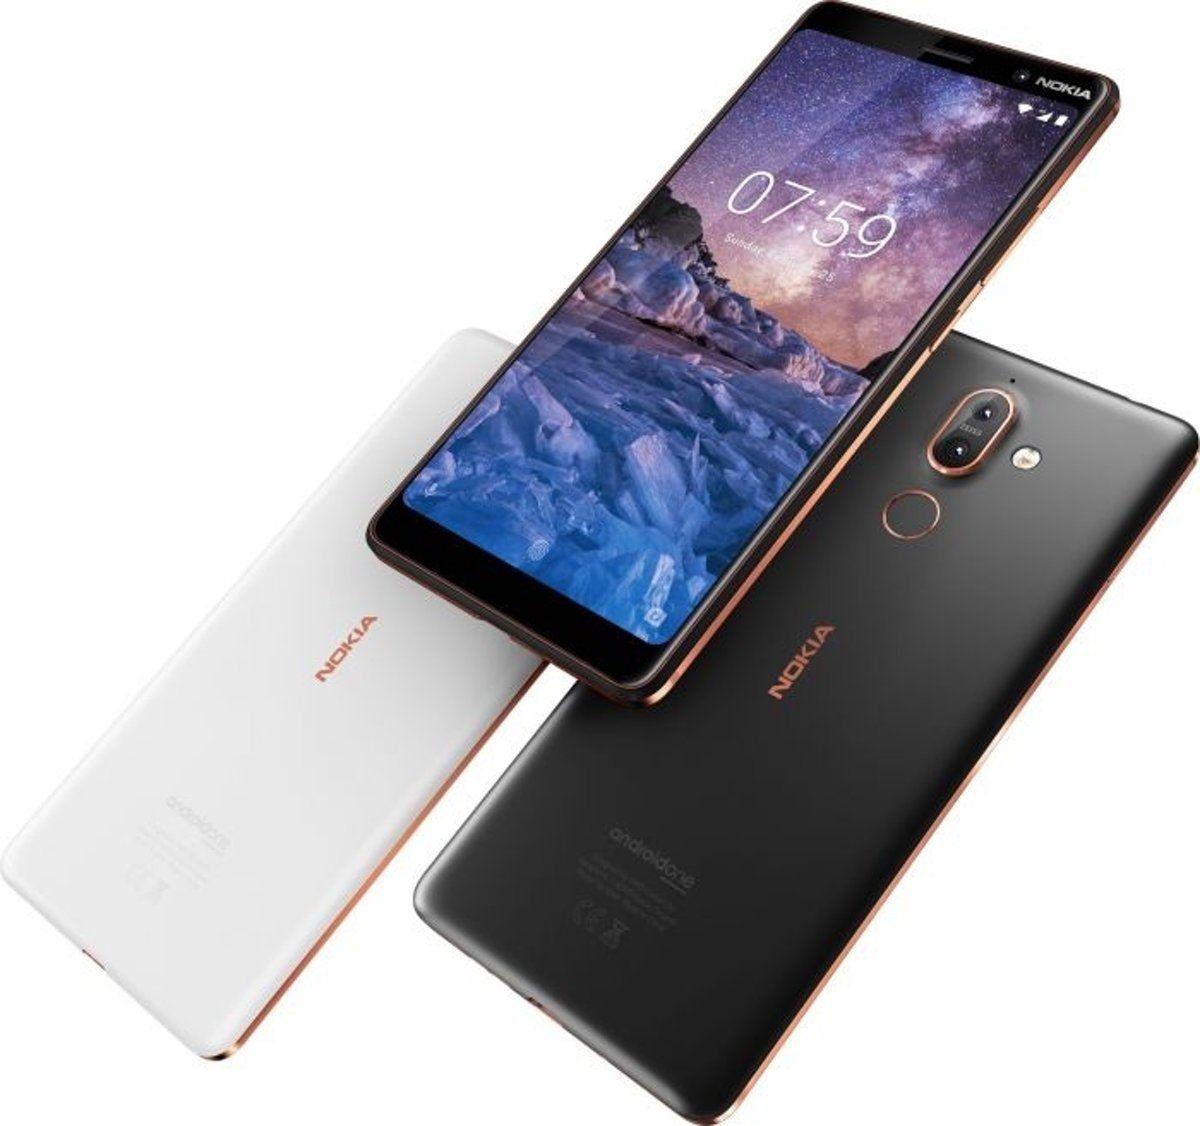 Pametni telefon Nokia 7.1 Plus (Nokia X7) - dostojna novost